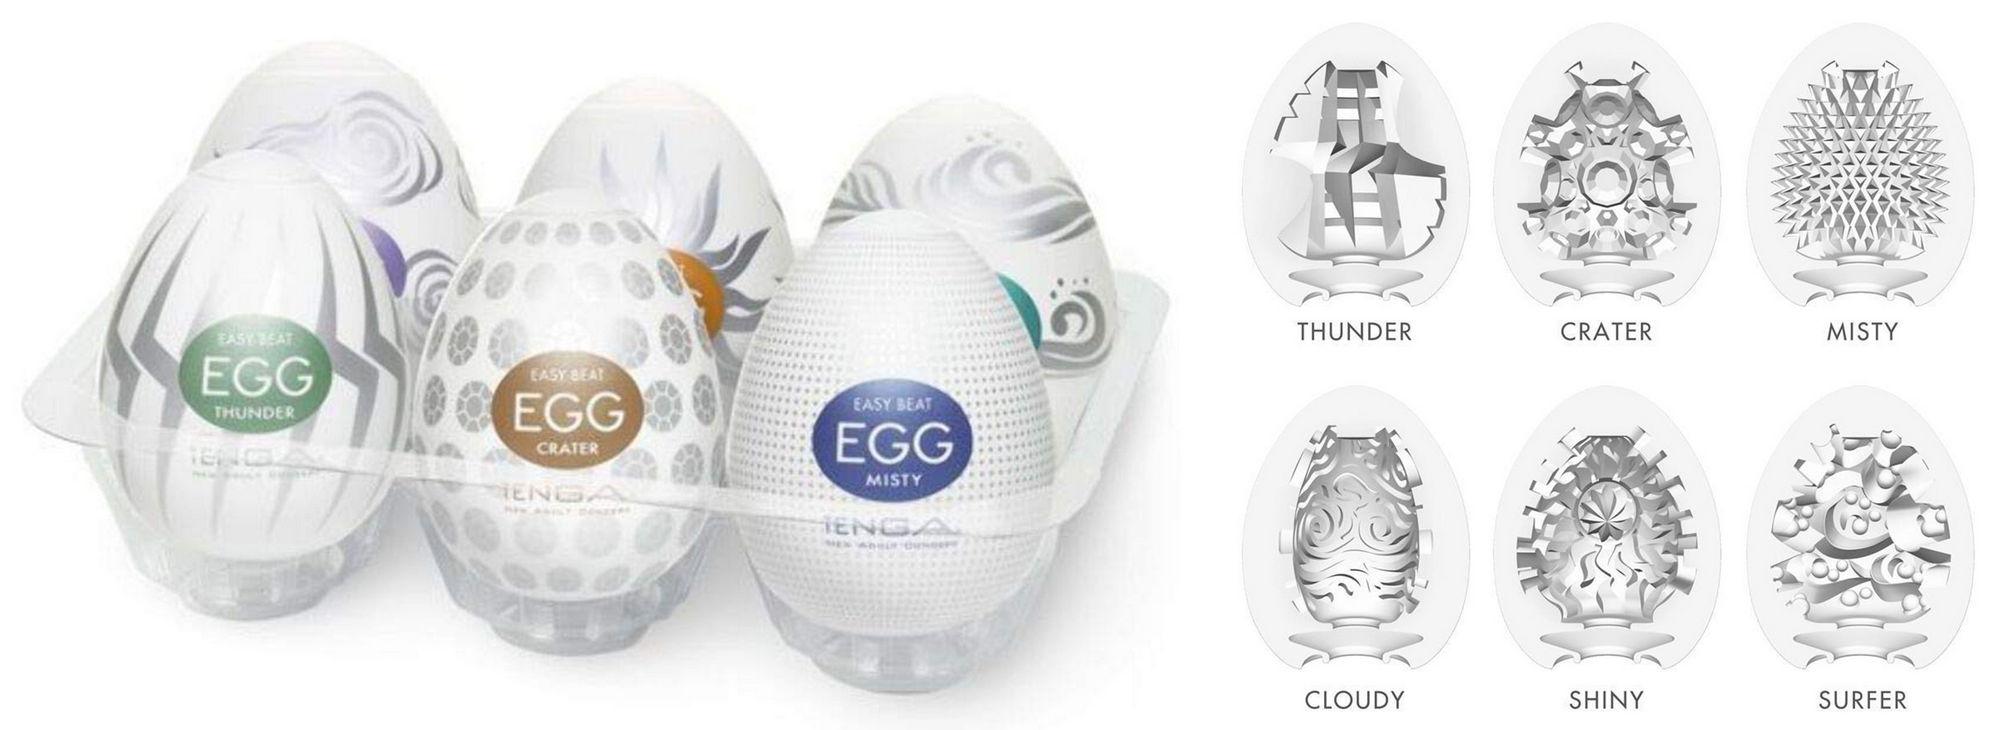 Tenga Egg Variety 2 Hard Boiled Pack